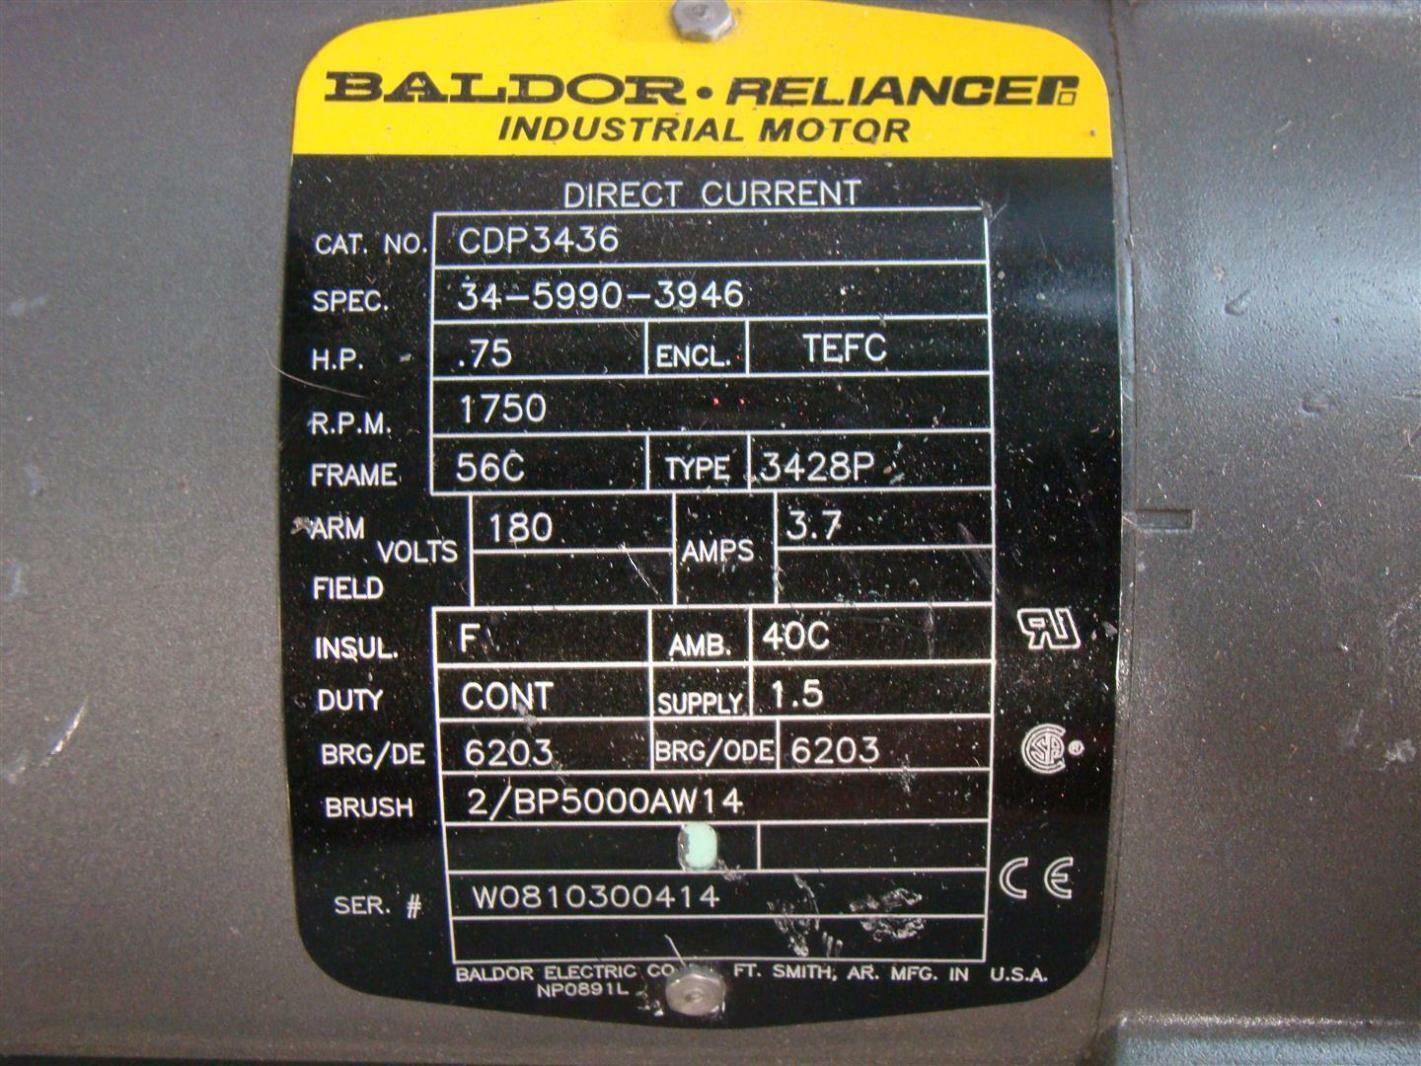 Baldor Reliancer DC Electric Motor 75HP 1750Rpm 180V CDP3436